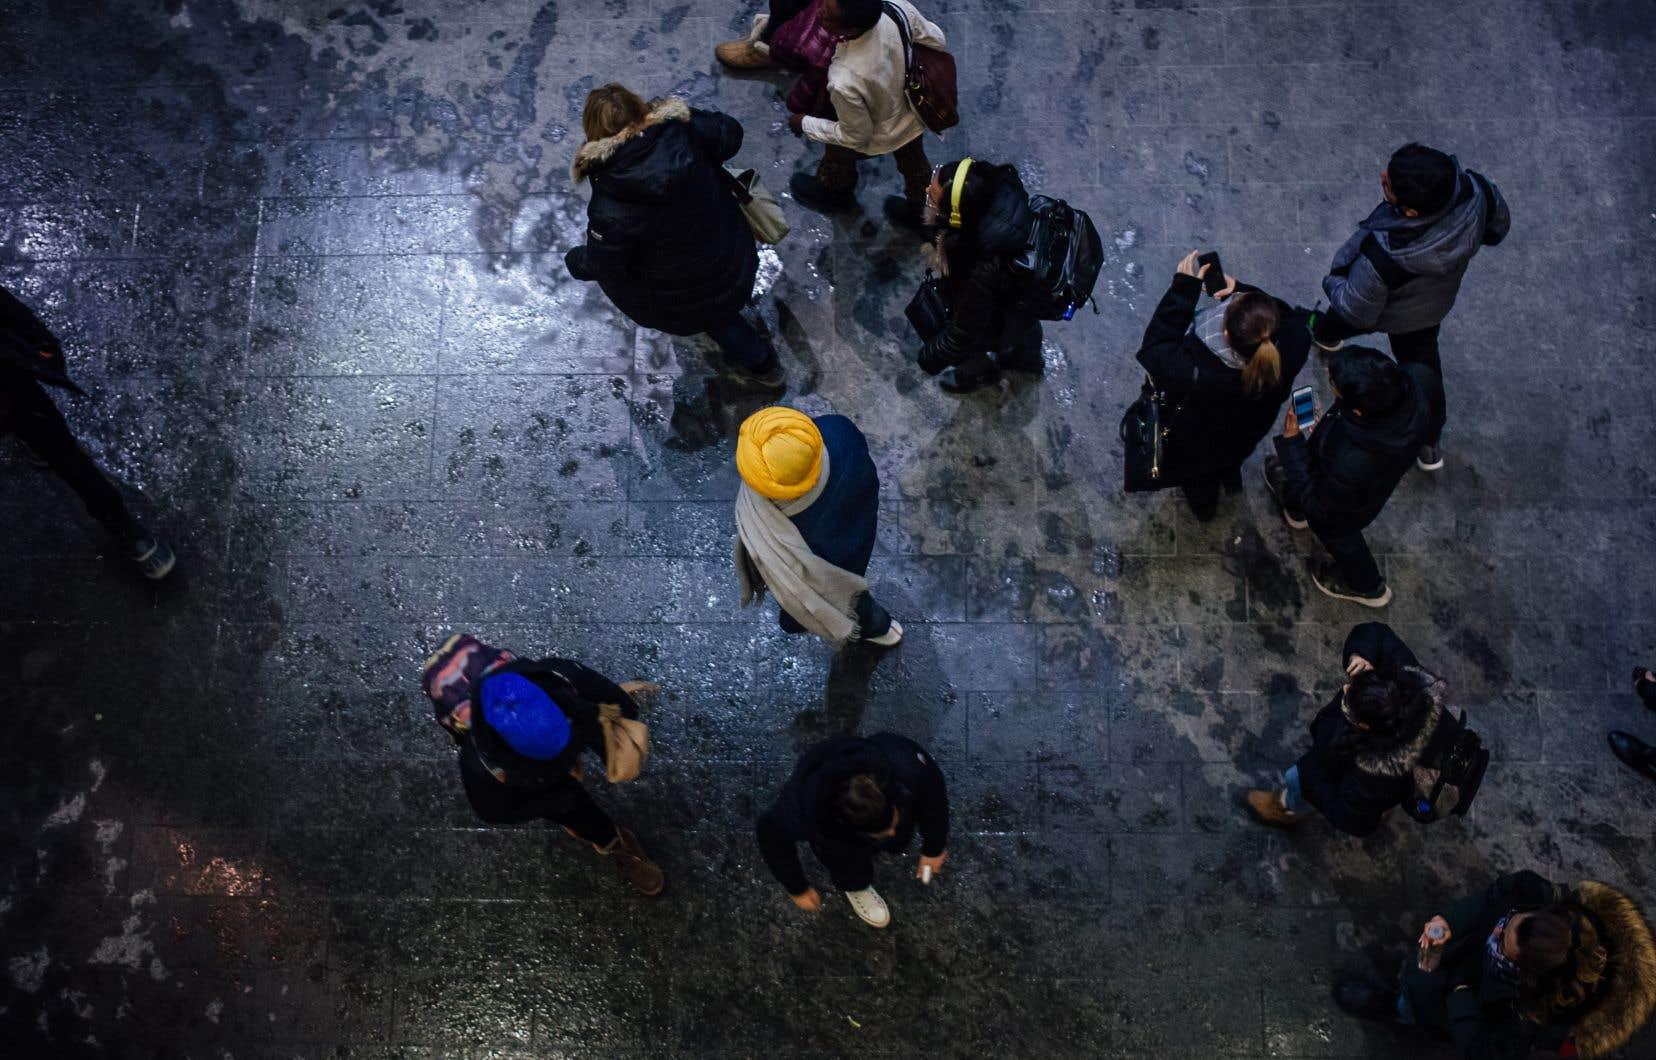 Une des préoccupations des trois rapporteurs spéciaux concerne les conséquences pour les personnes susceptibles «de se trouver désavantagées ou exclues d'un emploi ou d'occuper un poste public en raison des effets potentiels du projet de loi proposé».